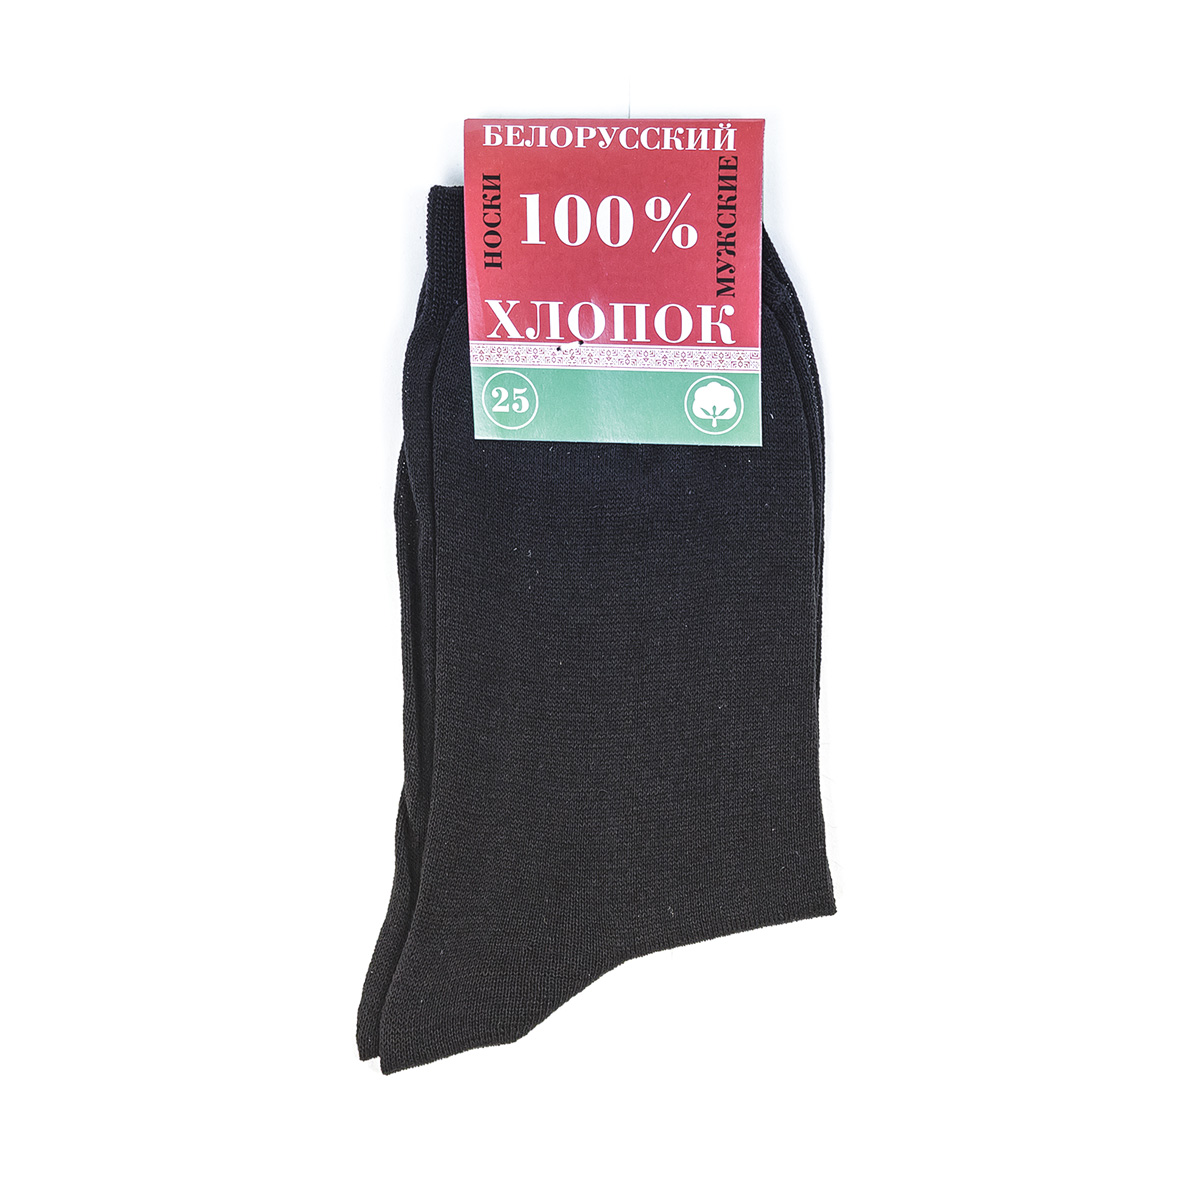 Муж. носки Хлопковые Белый р. 41-42Носки<br><br><br>Тип: Муж. носки<br>Размер: 41-42<br>Материал: Хлопок